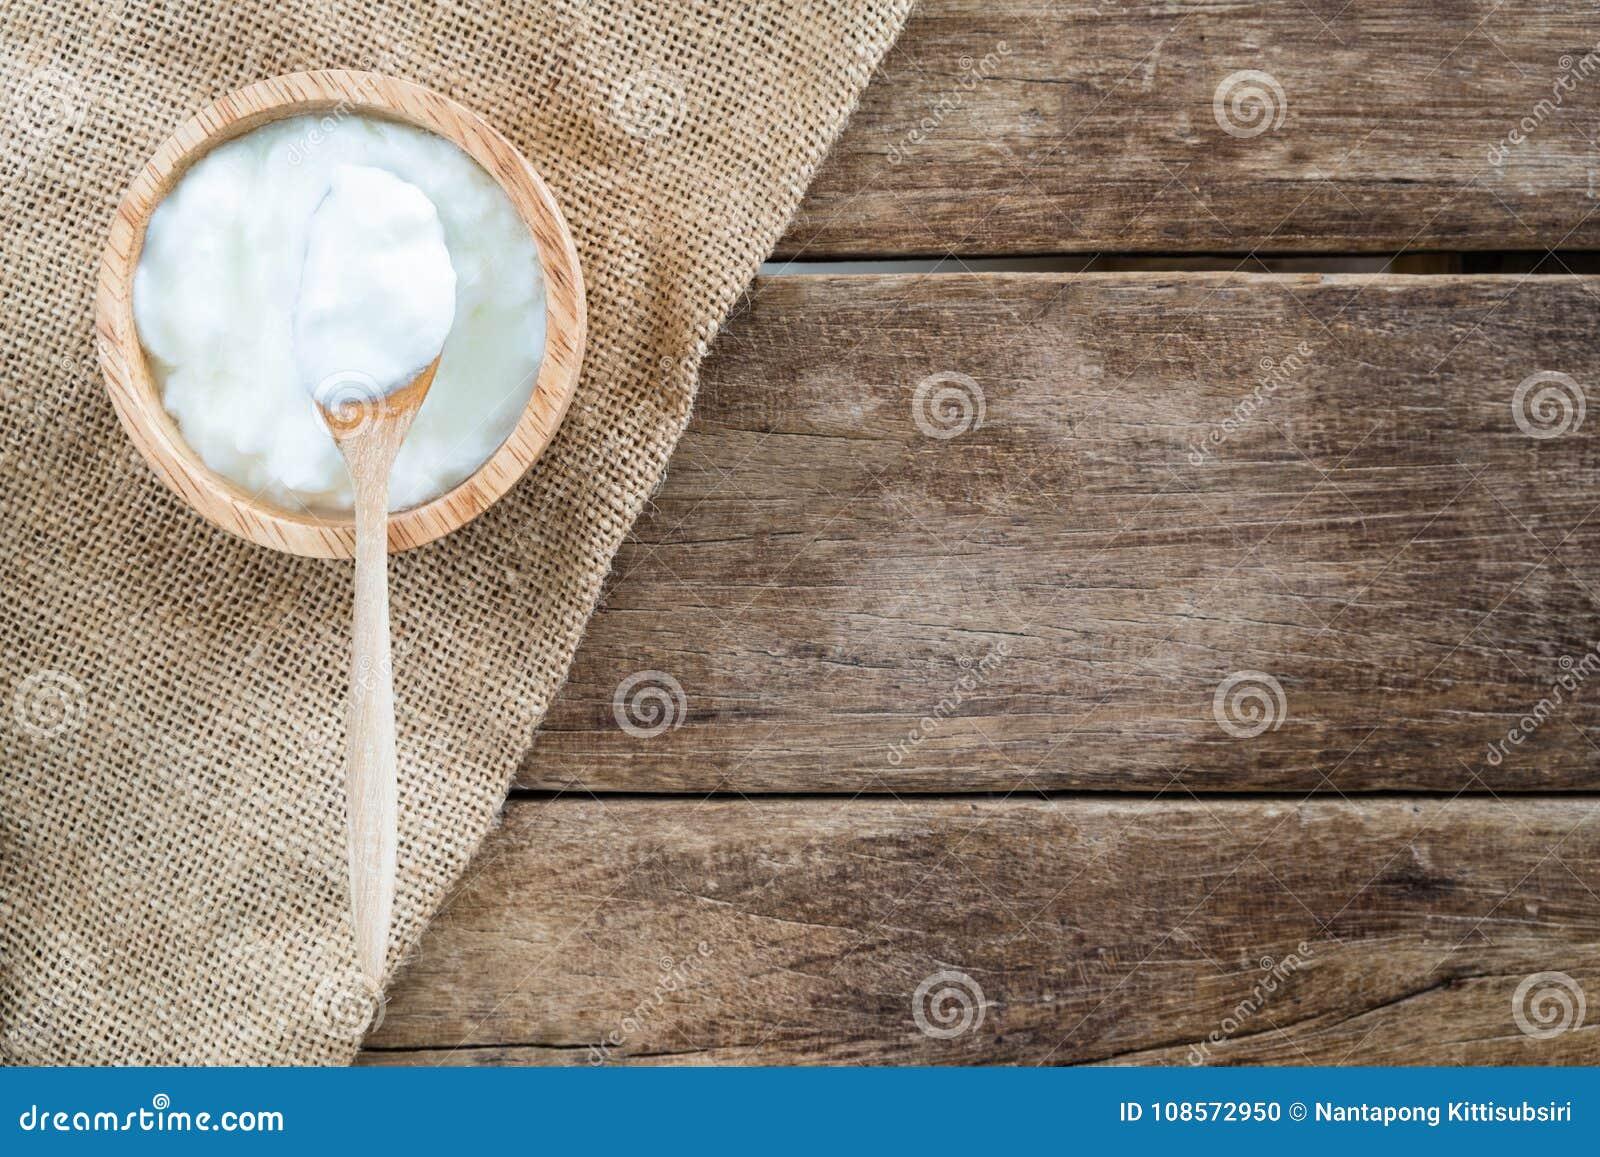 Legno Naturale Bianco : Yogurt casalingo naturale bianco in ciotola di legno con il